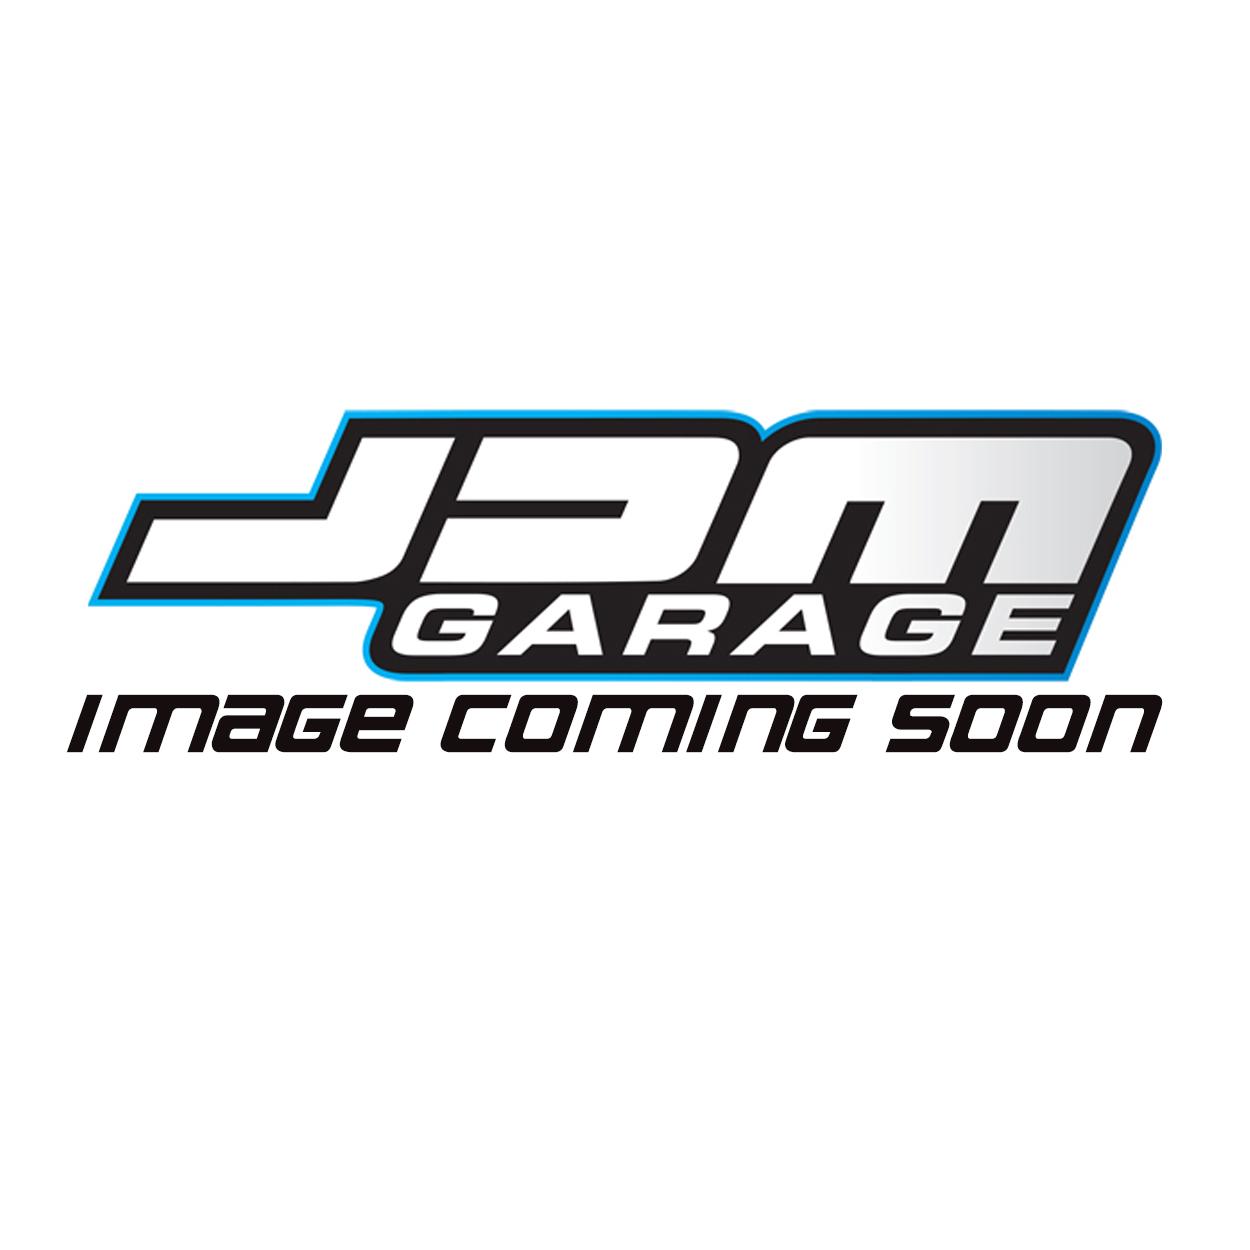 JDM Garage Manifolds - S14 S15 SR20DET - Top Mount Position